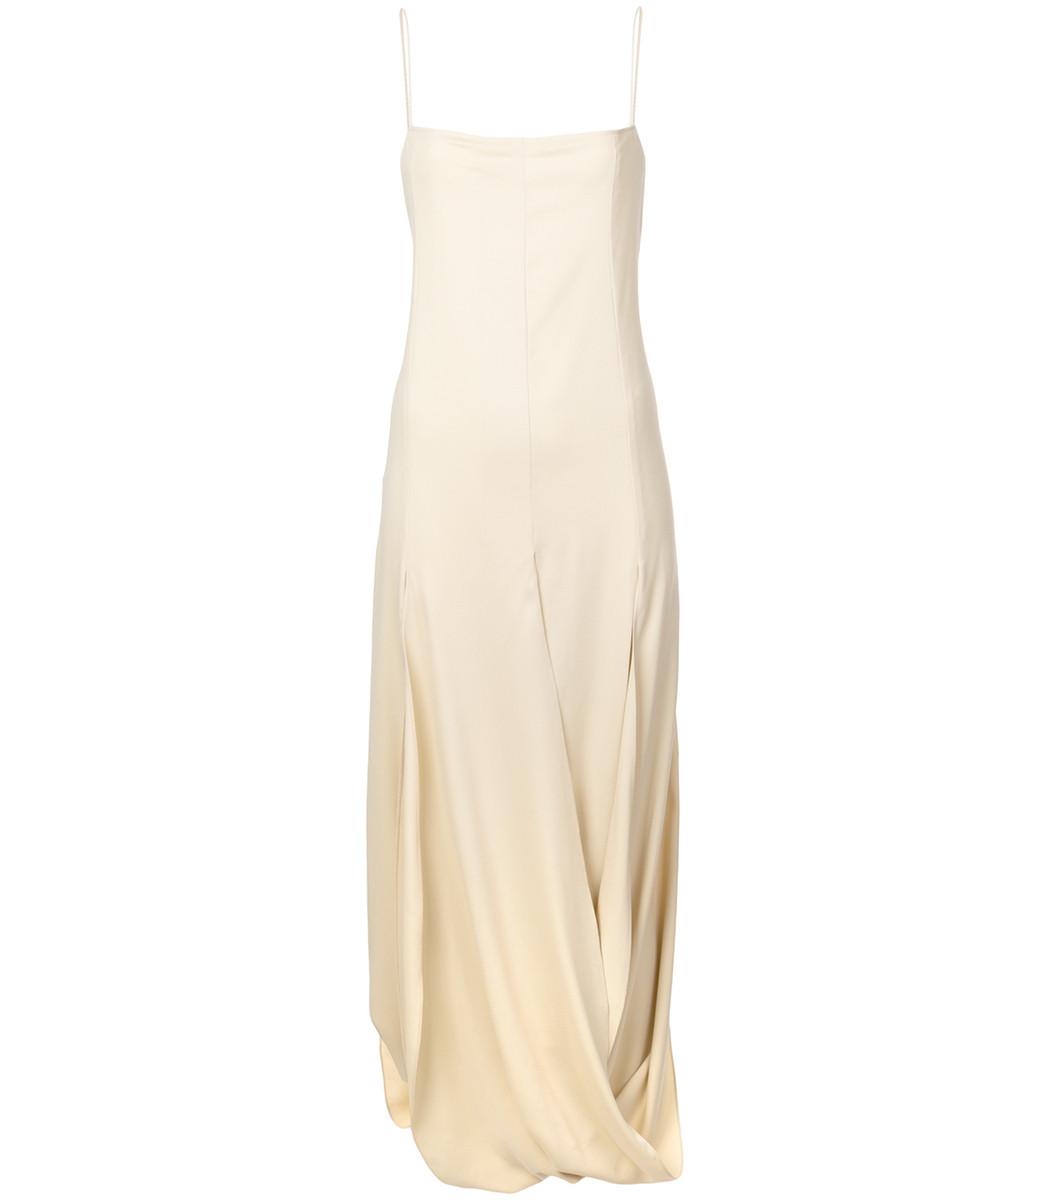 JACQUEMUS La Robe Nahil Draped Dress